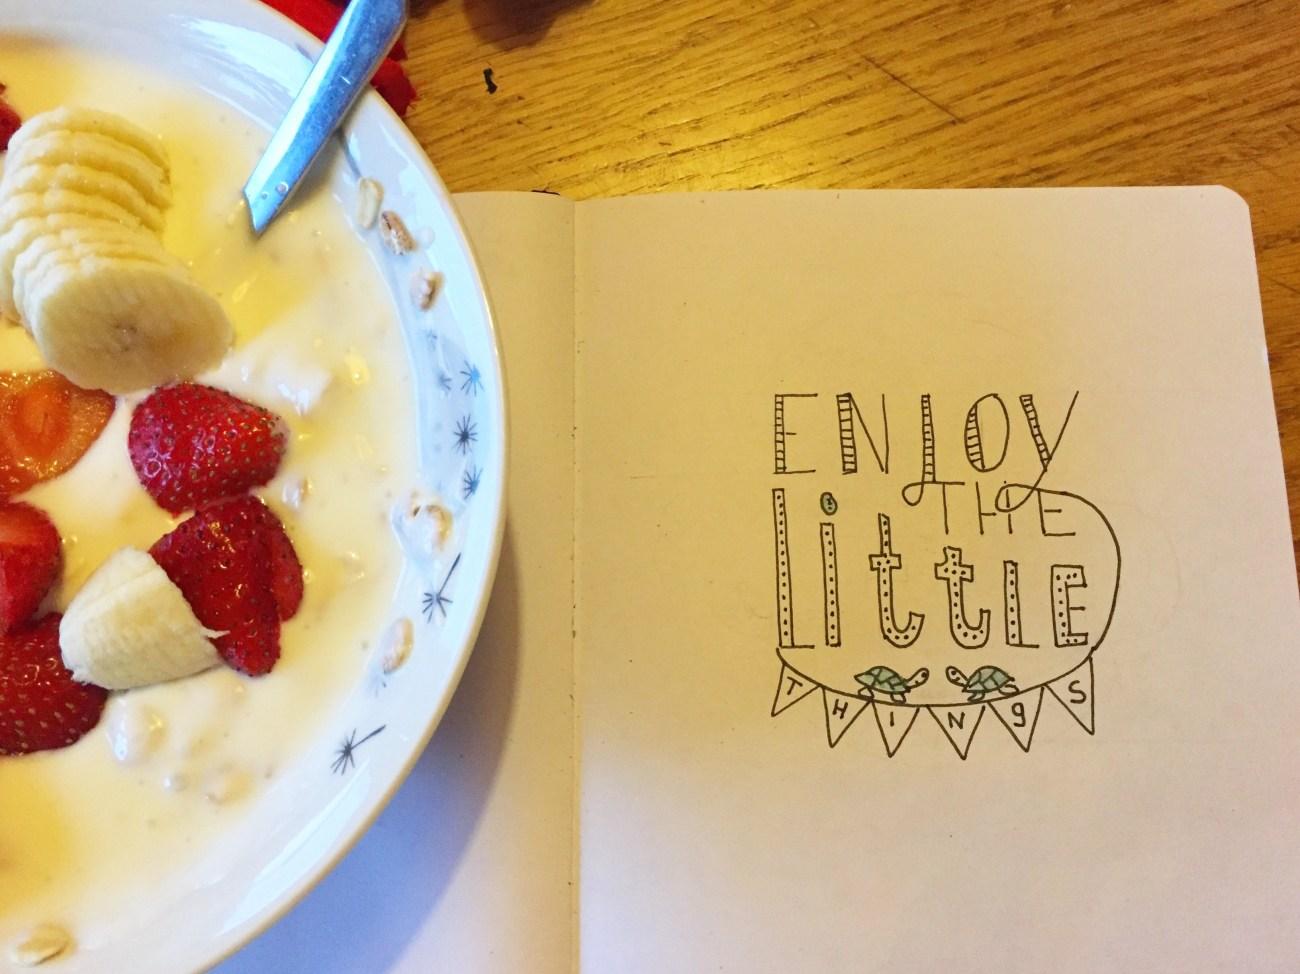 Maandagochtend ga ik mijn eetgewoonten aanpassen. Ik ontbijt met yoghurt en muesli